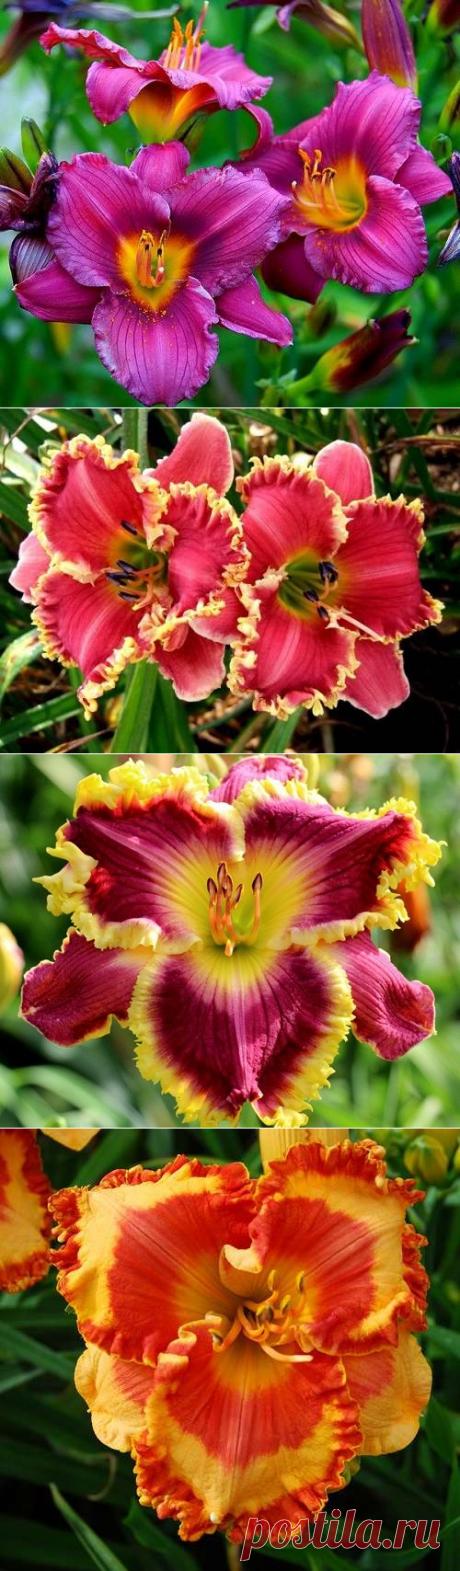 Цветок прекрасного настроения — лилейник